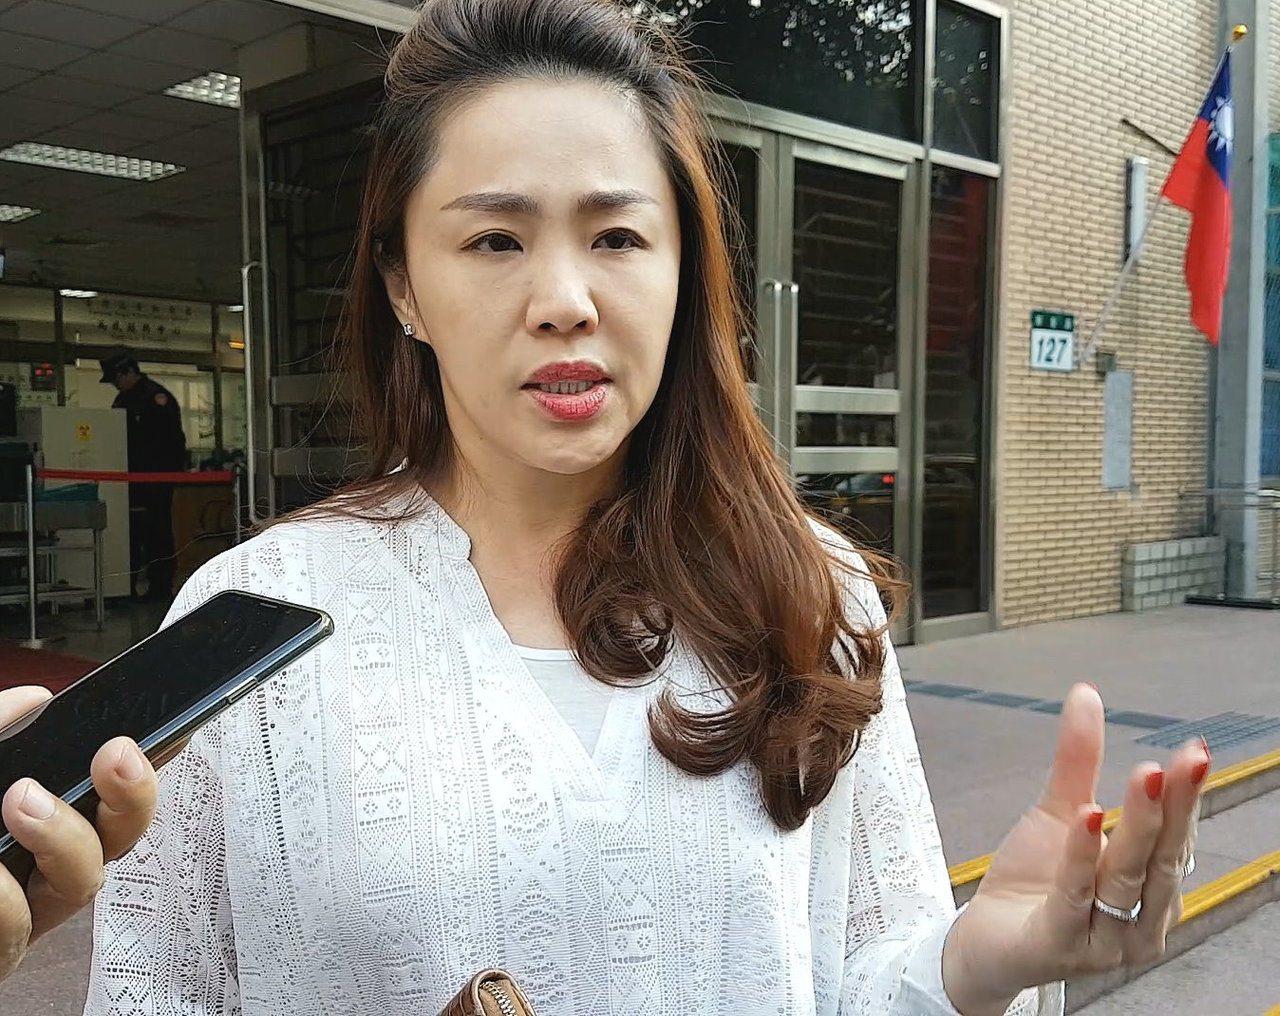 新北市前議員李婉鈺被控強制未遂、妨害公務,高等法院今開庭。她說,對身為公眾人物卻...